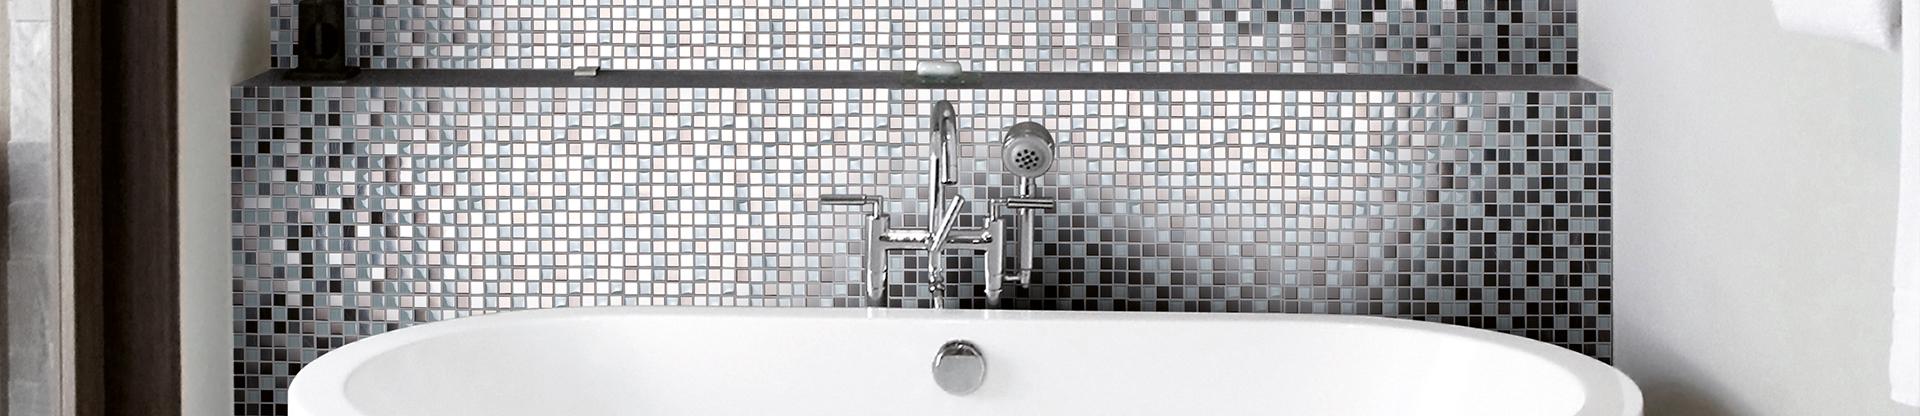 Mosaikfliesen Für Ihr Zuahsue Fliesenleger Plaster Sankt Katharinen - Mosaik fliesen metallic